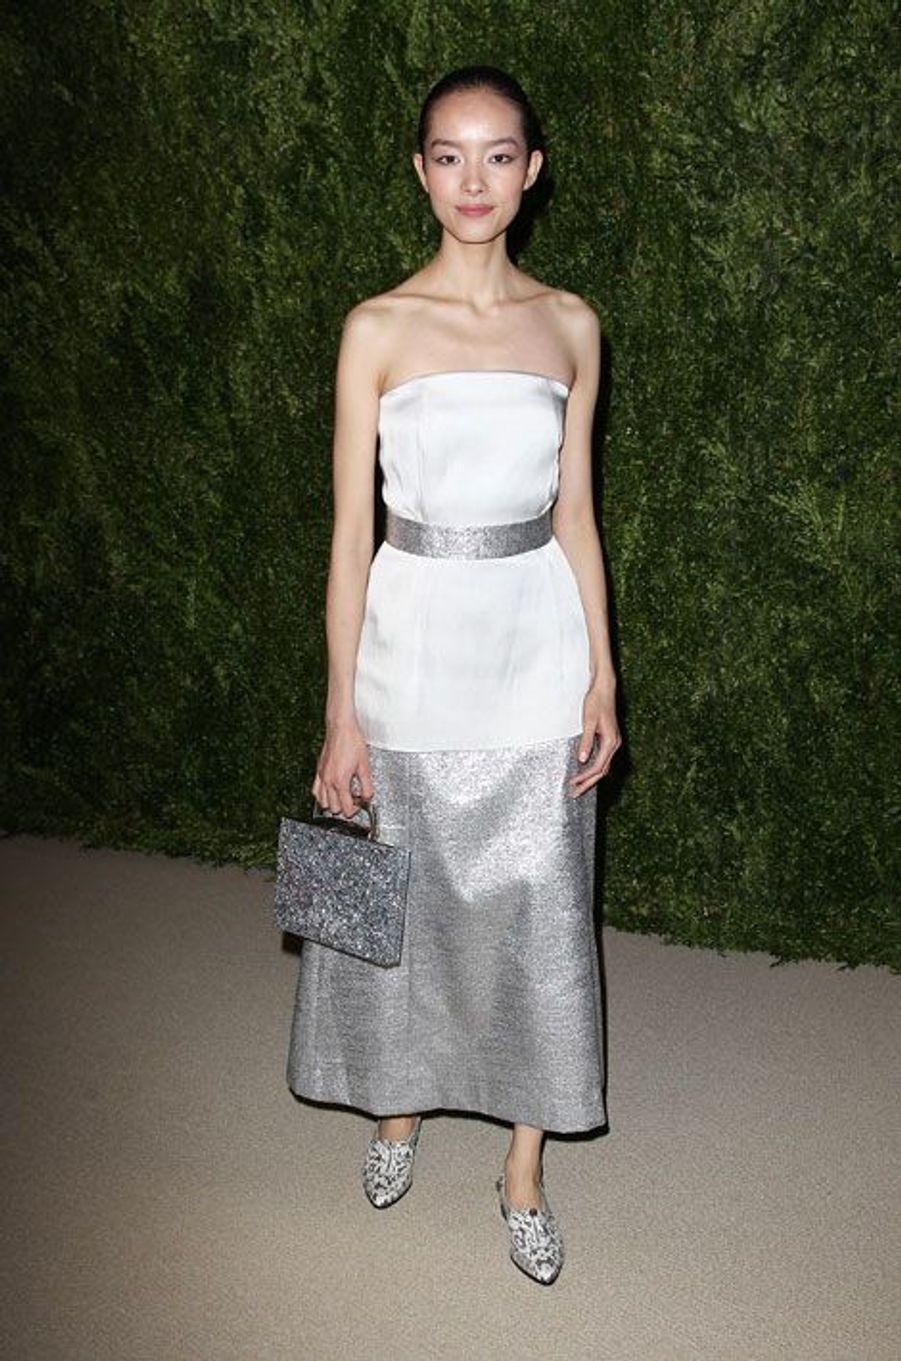 La belle chinoise qui a récemment fait la Une de «Elle», en France, a défilé pour les plus grands cette année: Hermès, Valentino, Chanel, Jean-Paul Gaultier…. Elle est également devenue l'égérie des cosmétiques Calvin Klein.